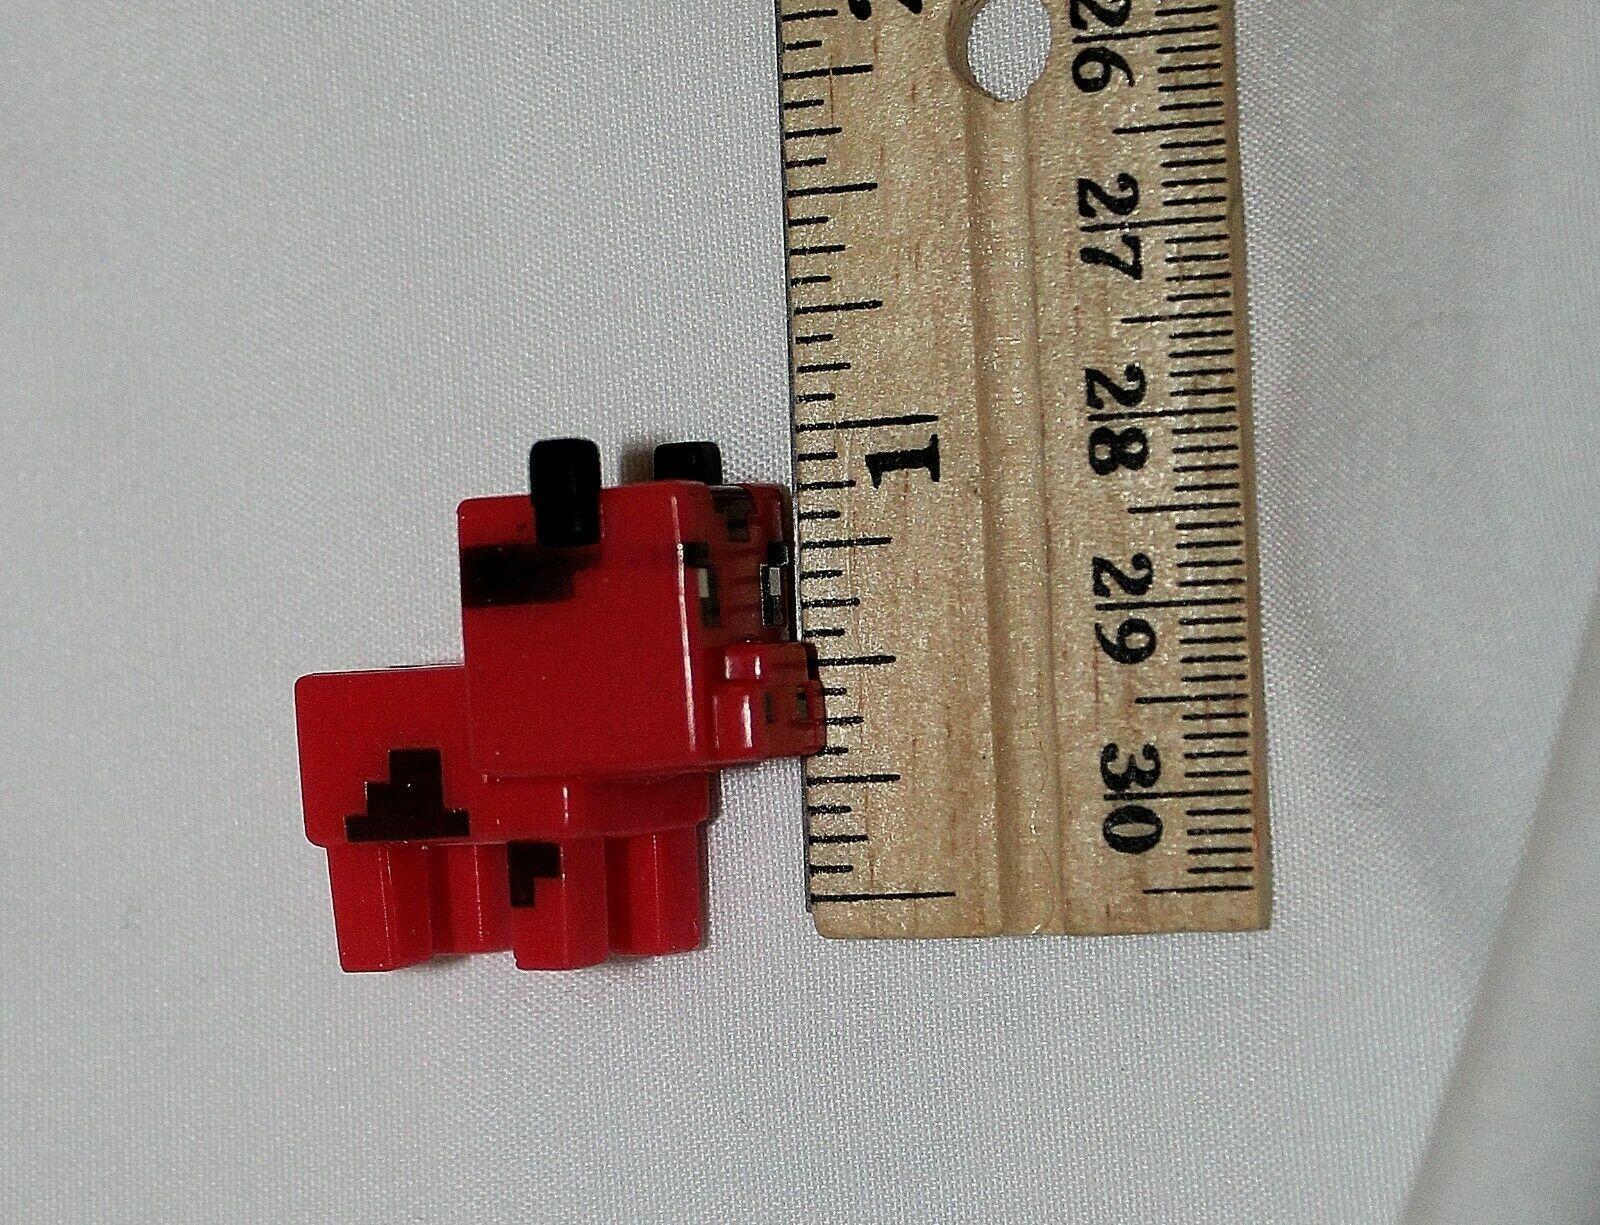 Neu Minecraft Minifigur Spuk Serie 9 Infernal Kuh Minifiguren Creeper